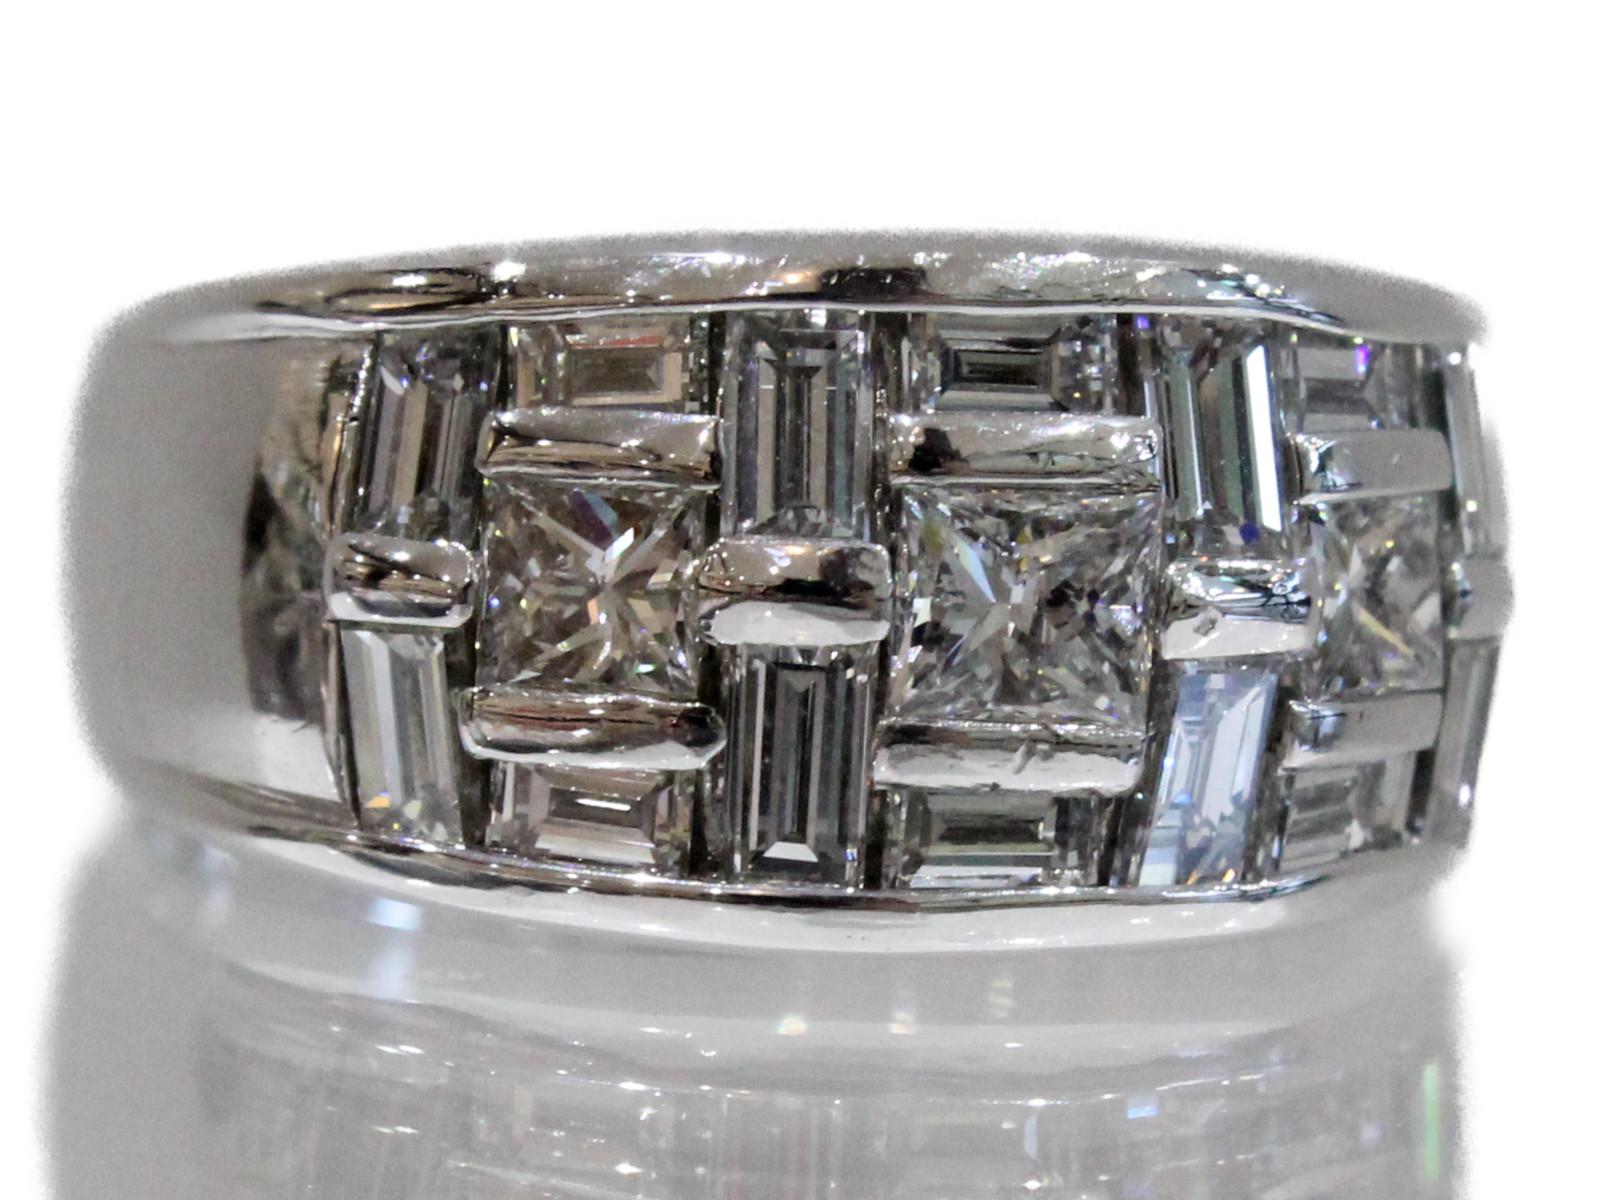 【☆新品仕上げ済☆】極めて美しいダイヤリングPt900 ダイヤモンド2.5ct15g 18号 男女兼用 シンプル上品 高級 ギフト包装可【中古】